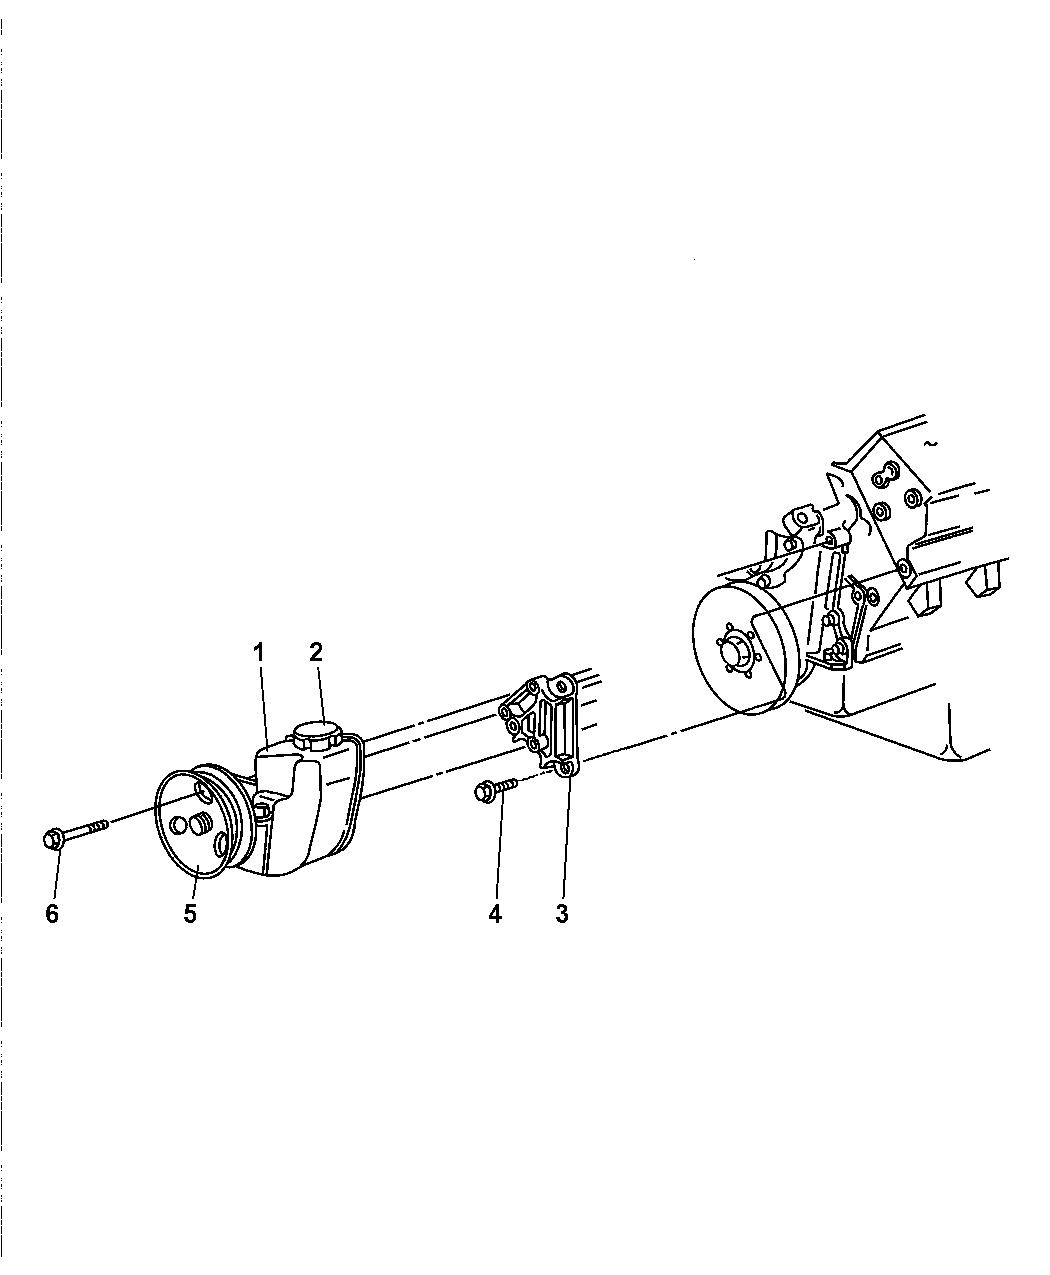 1998 Jeep Grand Cherokee Power Steering Pump & Mounting